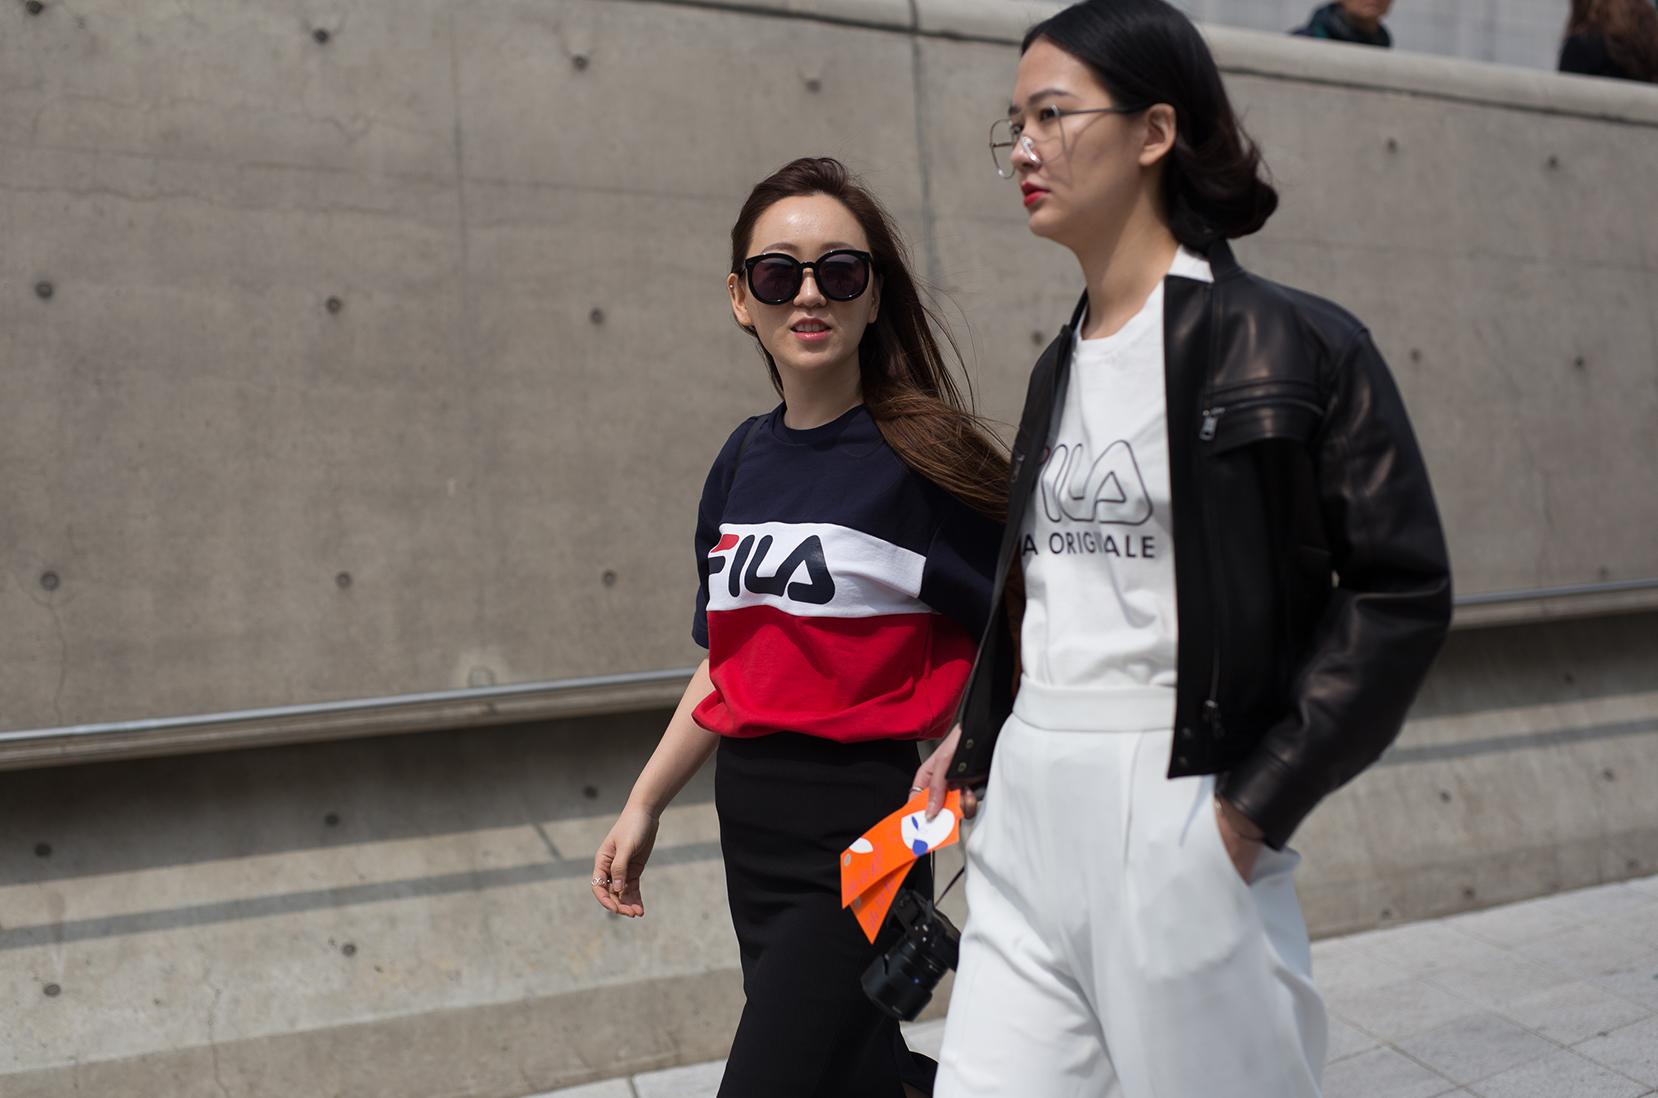 Street Style Seoul © Matthew Sperzel/Getty Images